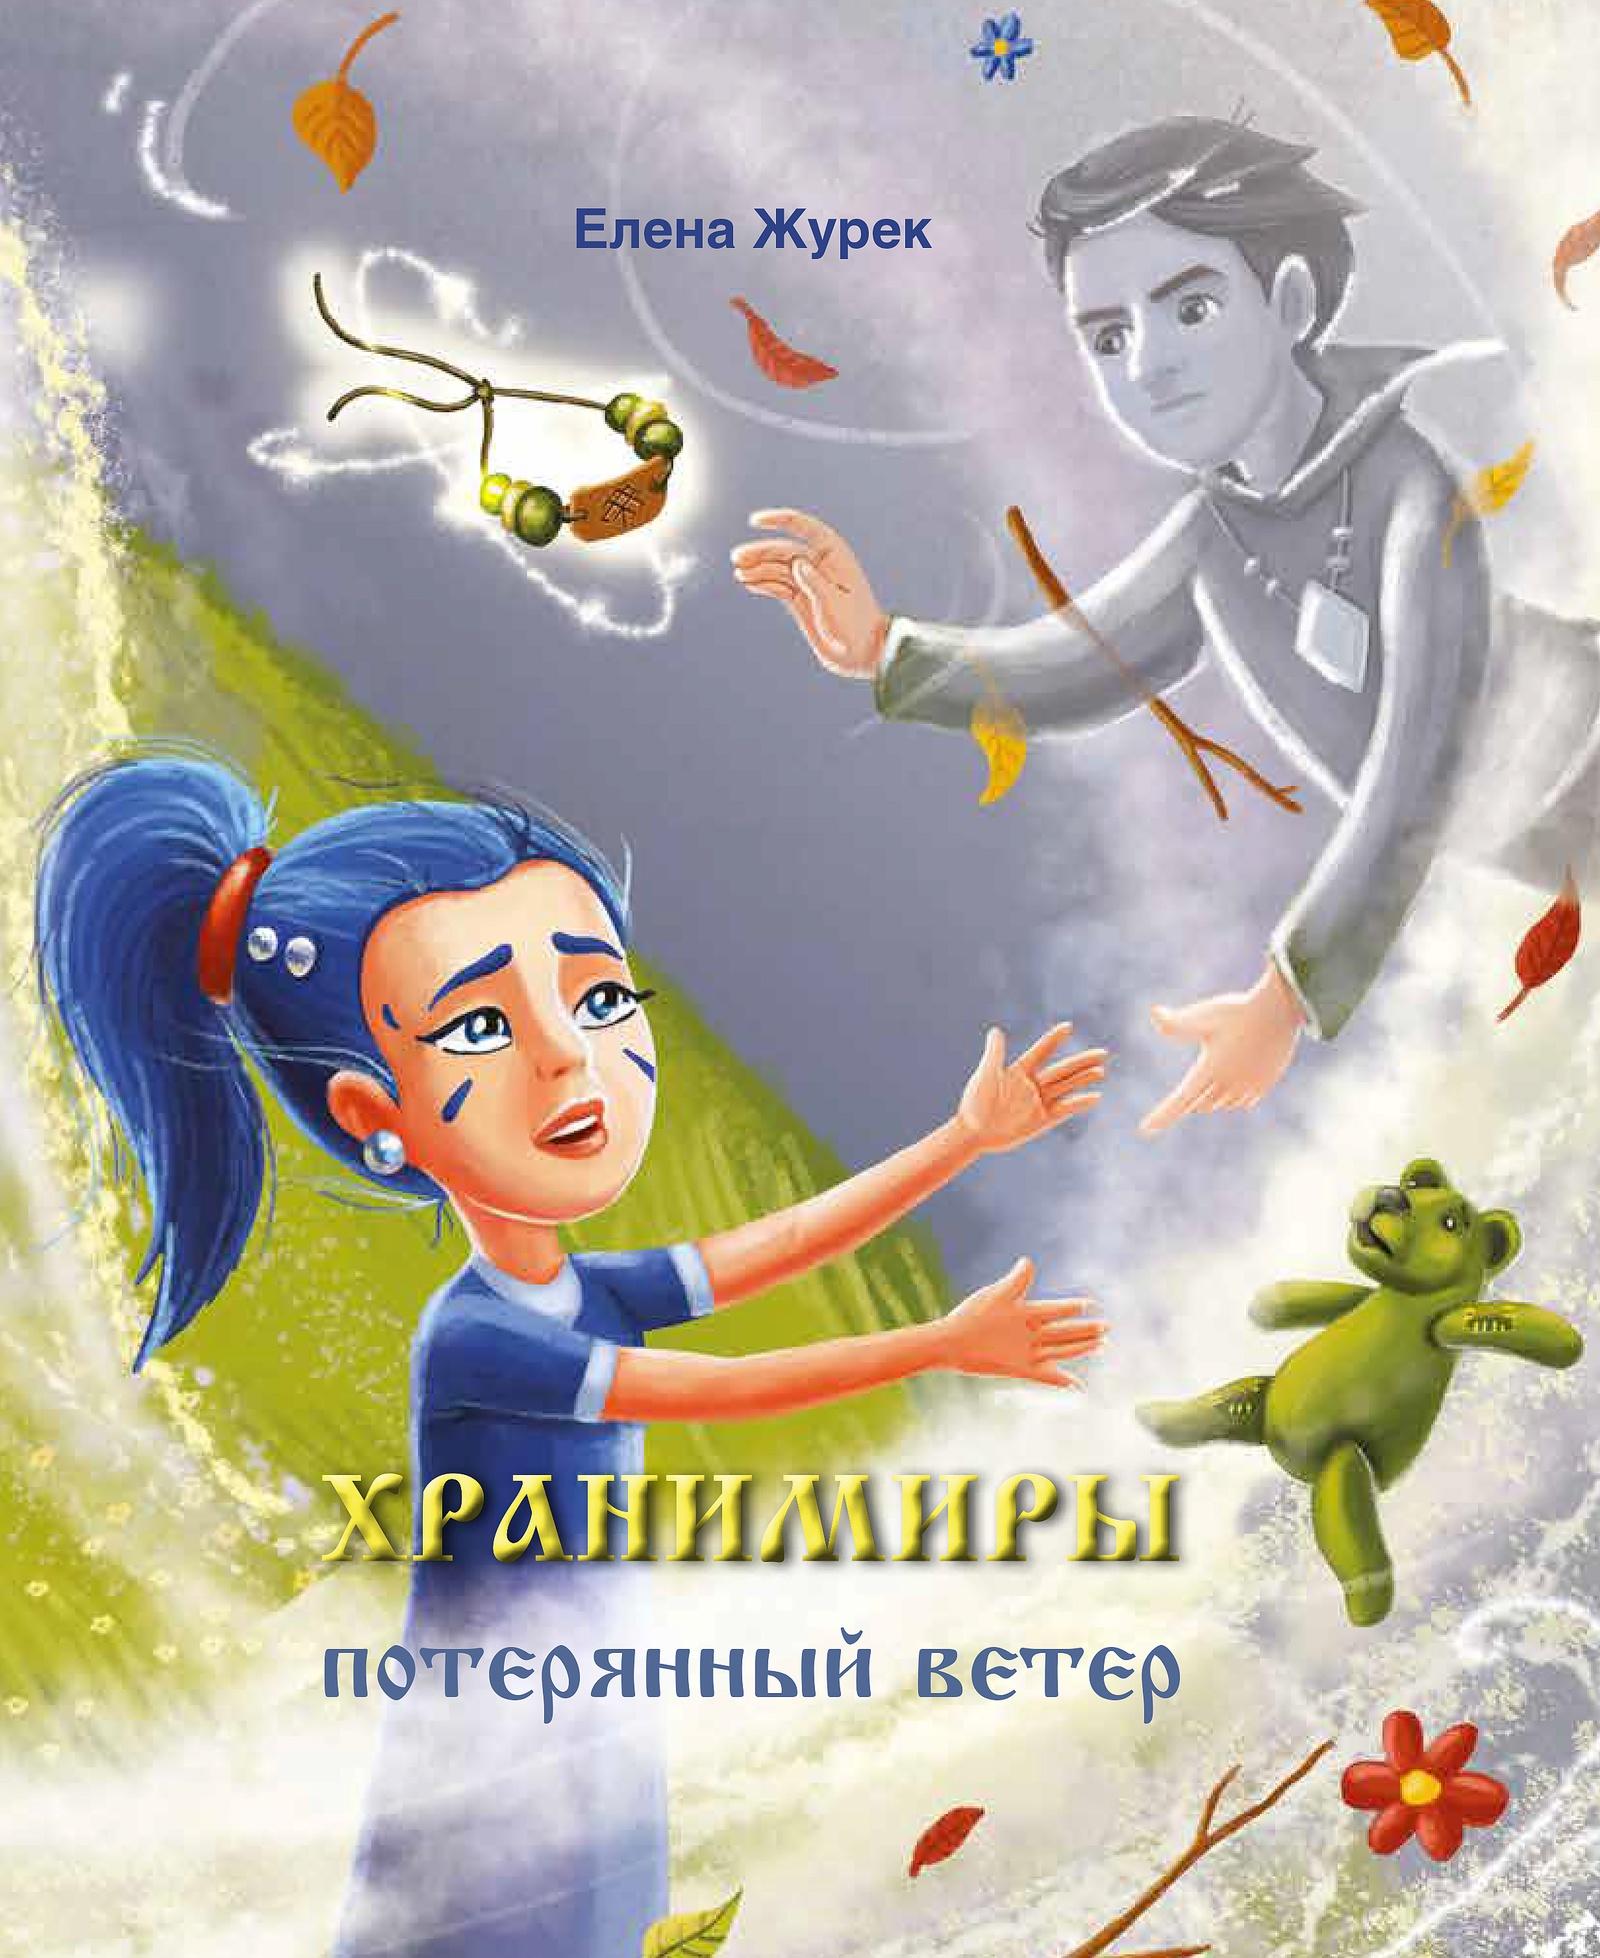 Елена Журек Хранимиры. Потерянный ветер